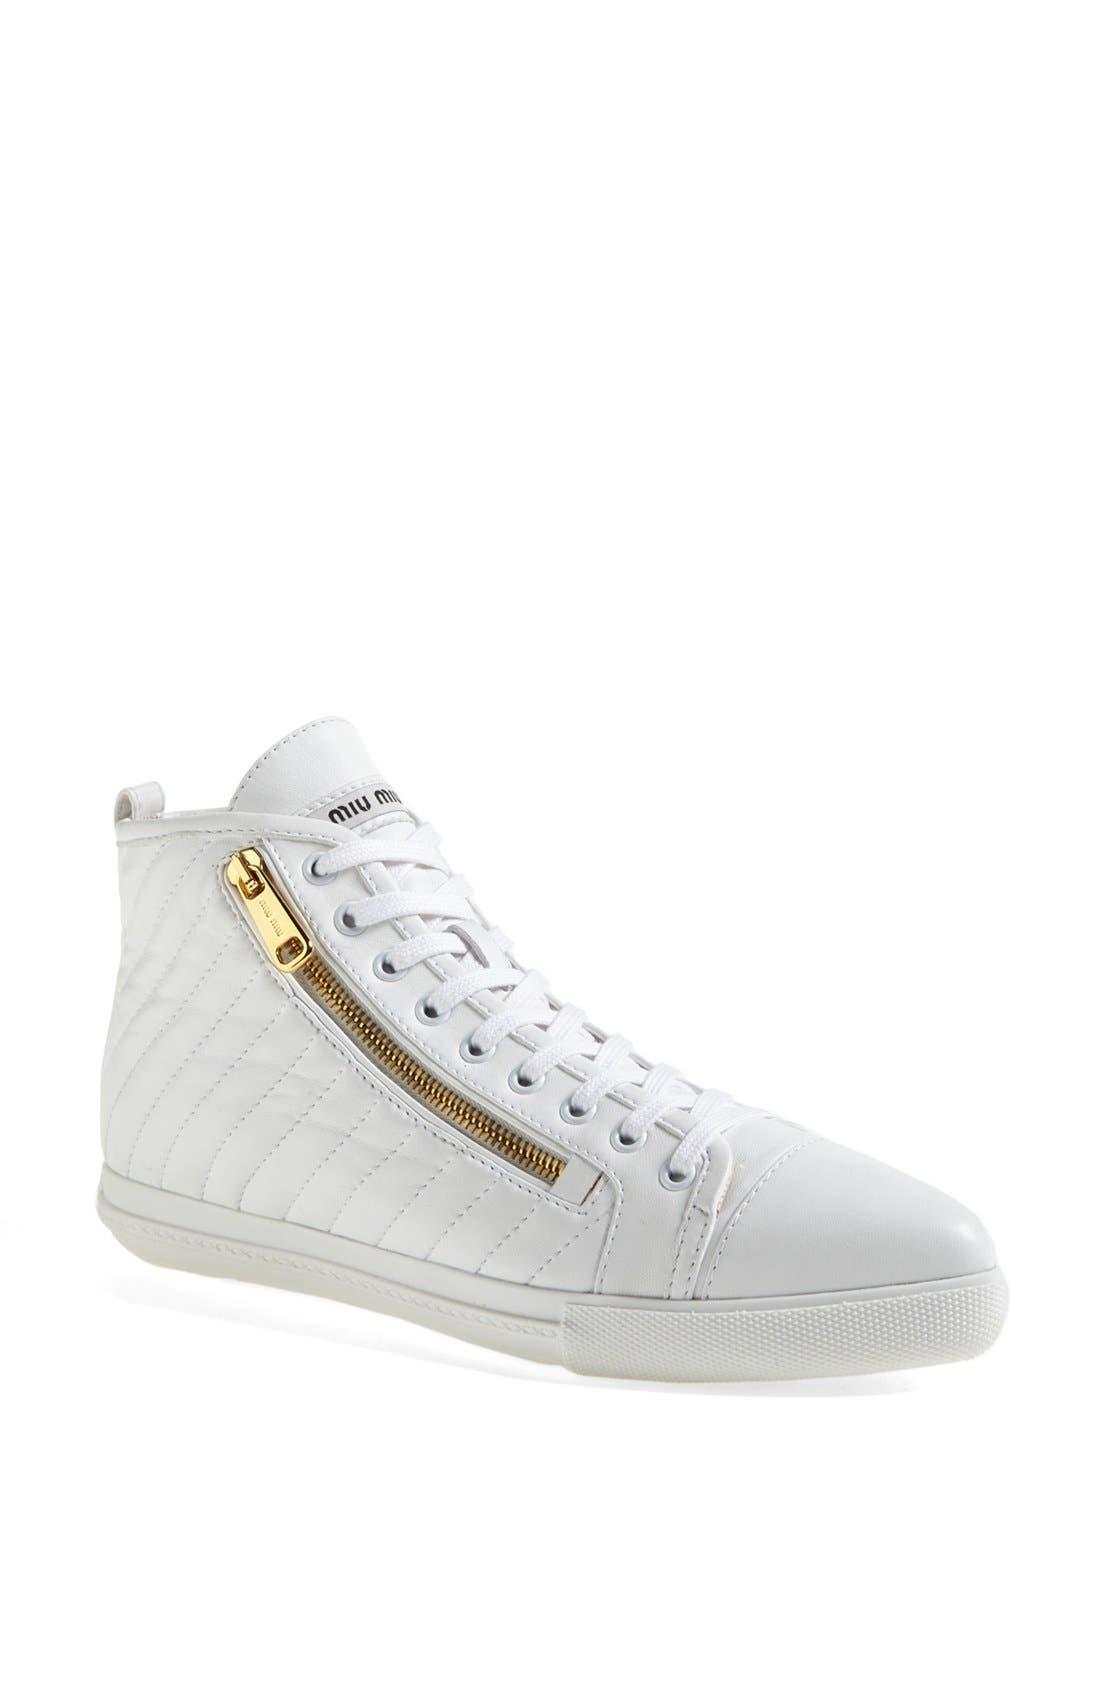 Main Image - Miu Miu Side Zip High Top Sneaker